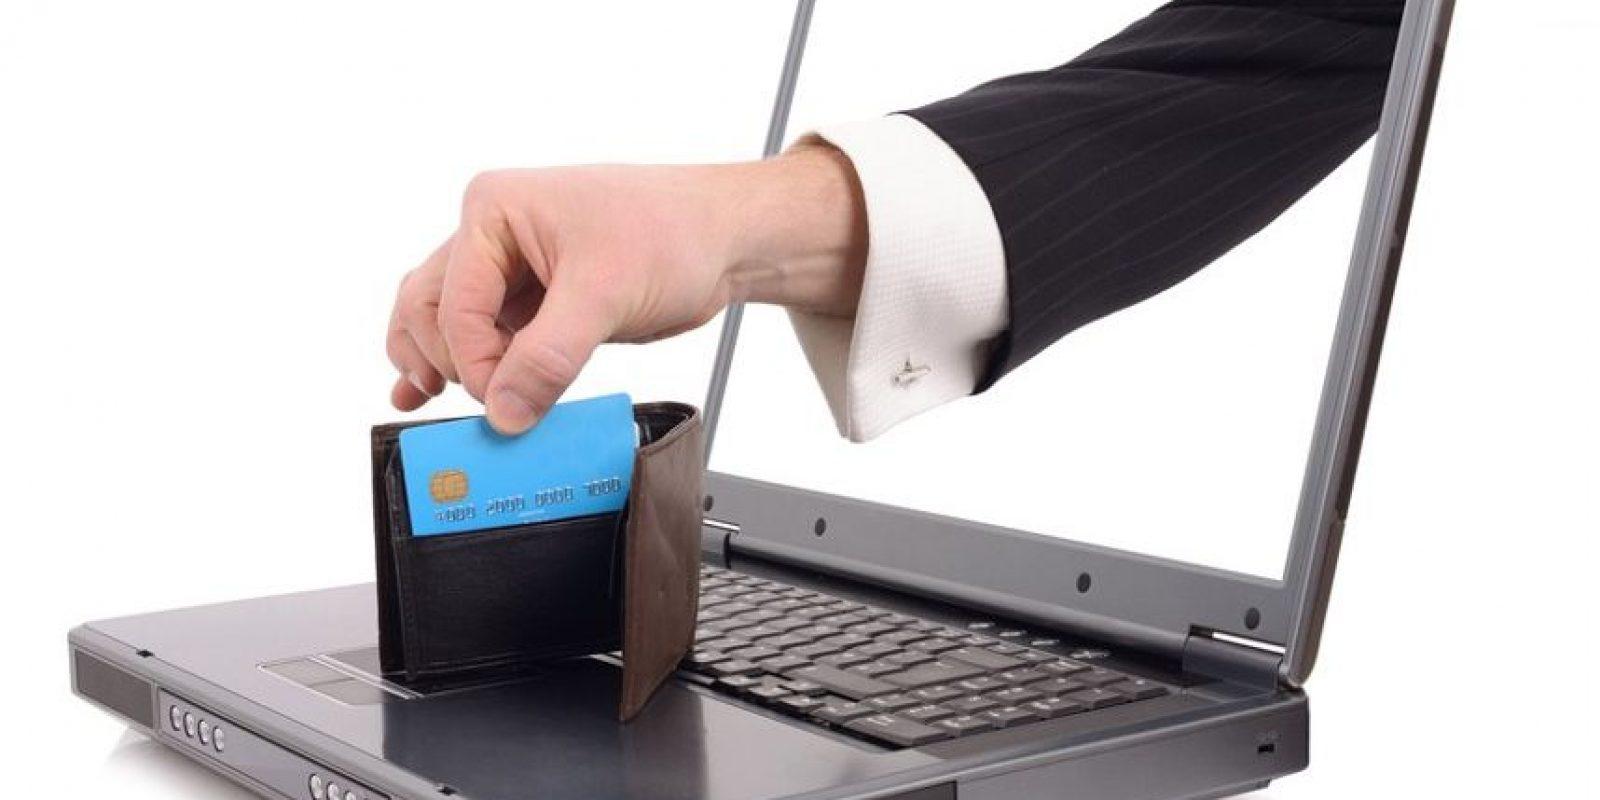 Los correos electrónicos apócrifos tienen el objetivo de acceder a tus cuentas y sustraer tu dinero. Foto:Especial